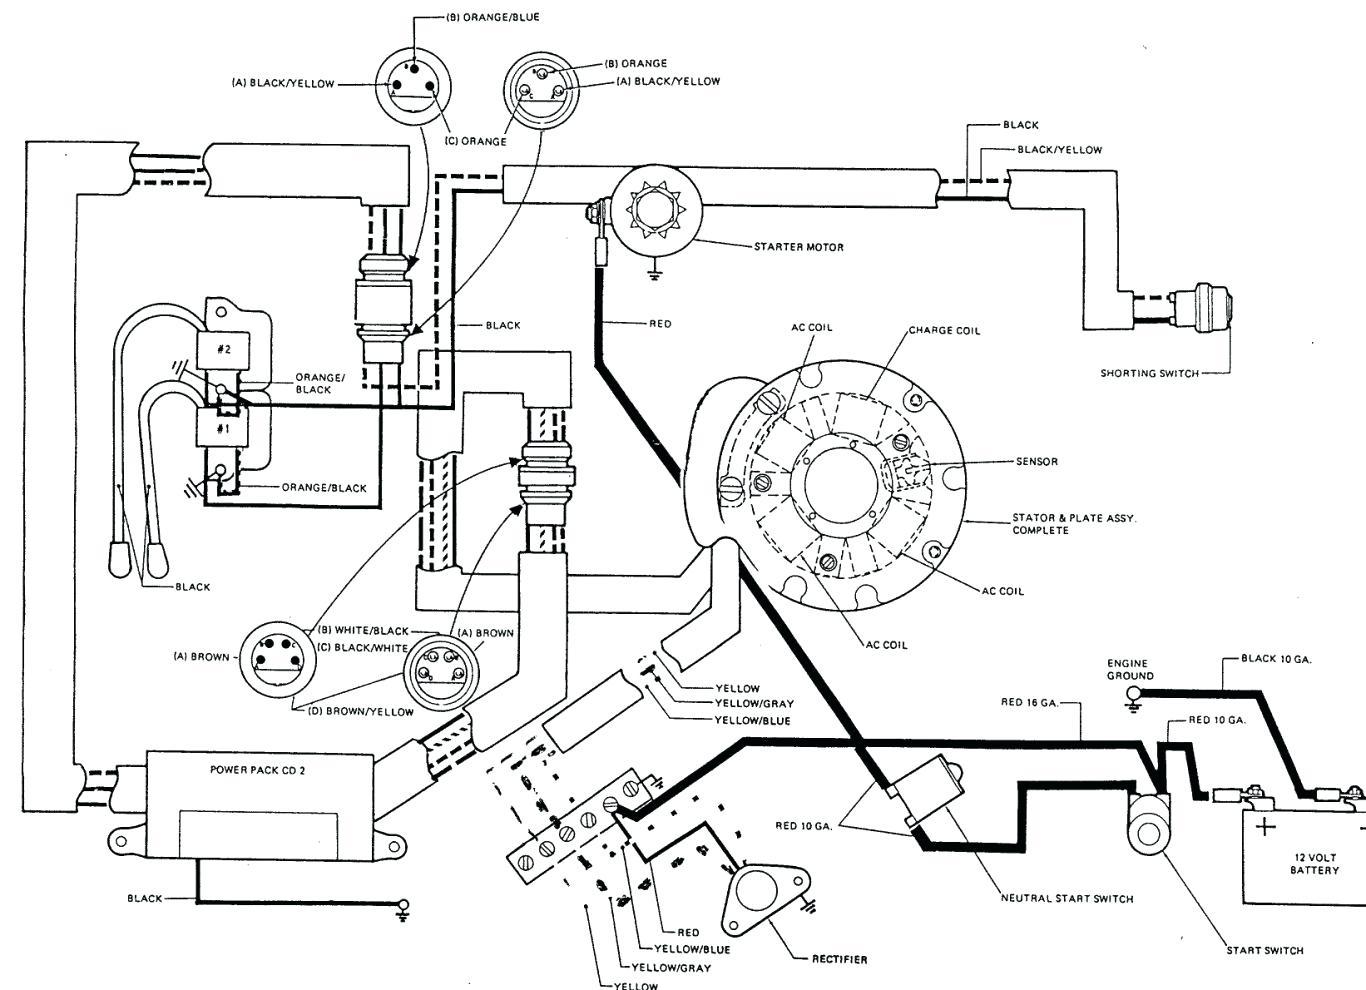 1366x990 1978 ford electric choke wiring diagram fooddaily club